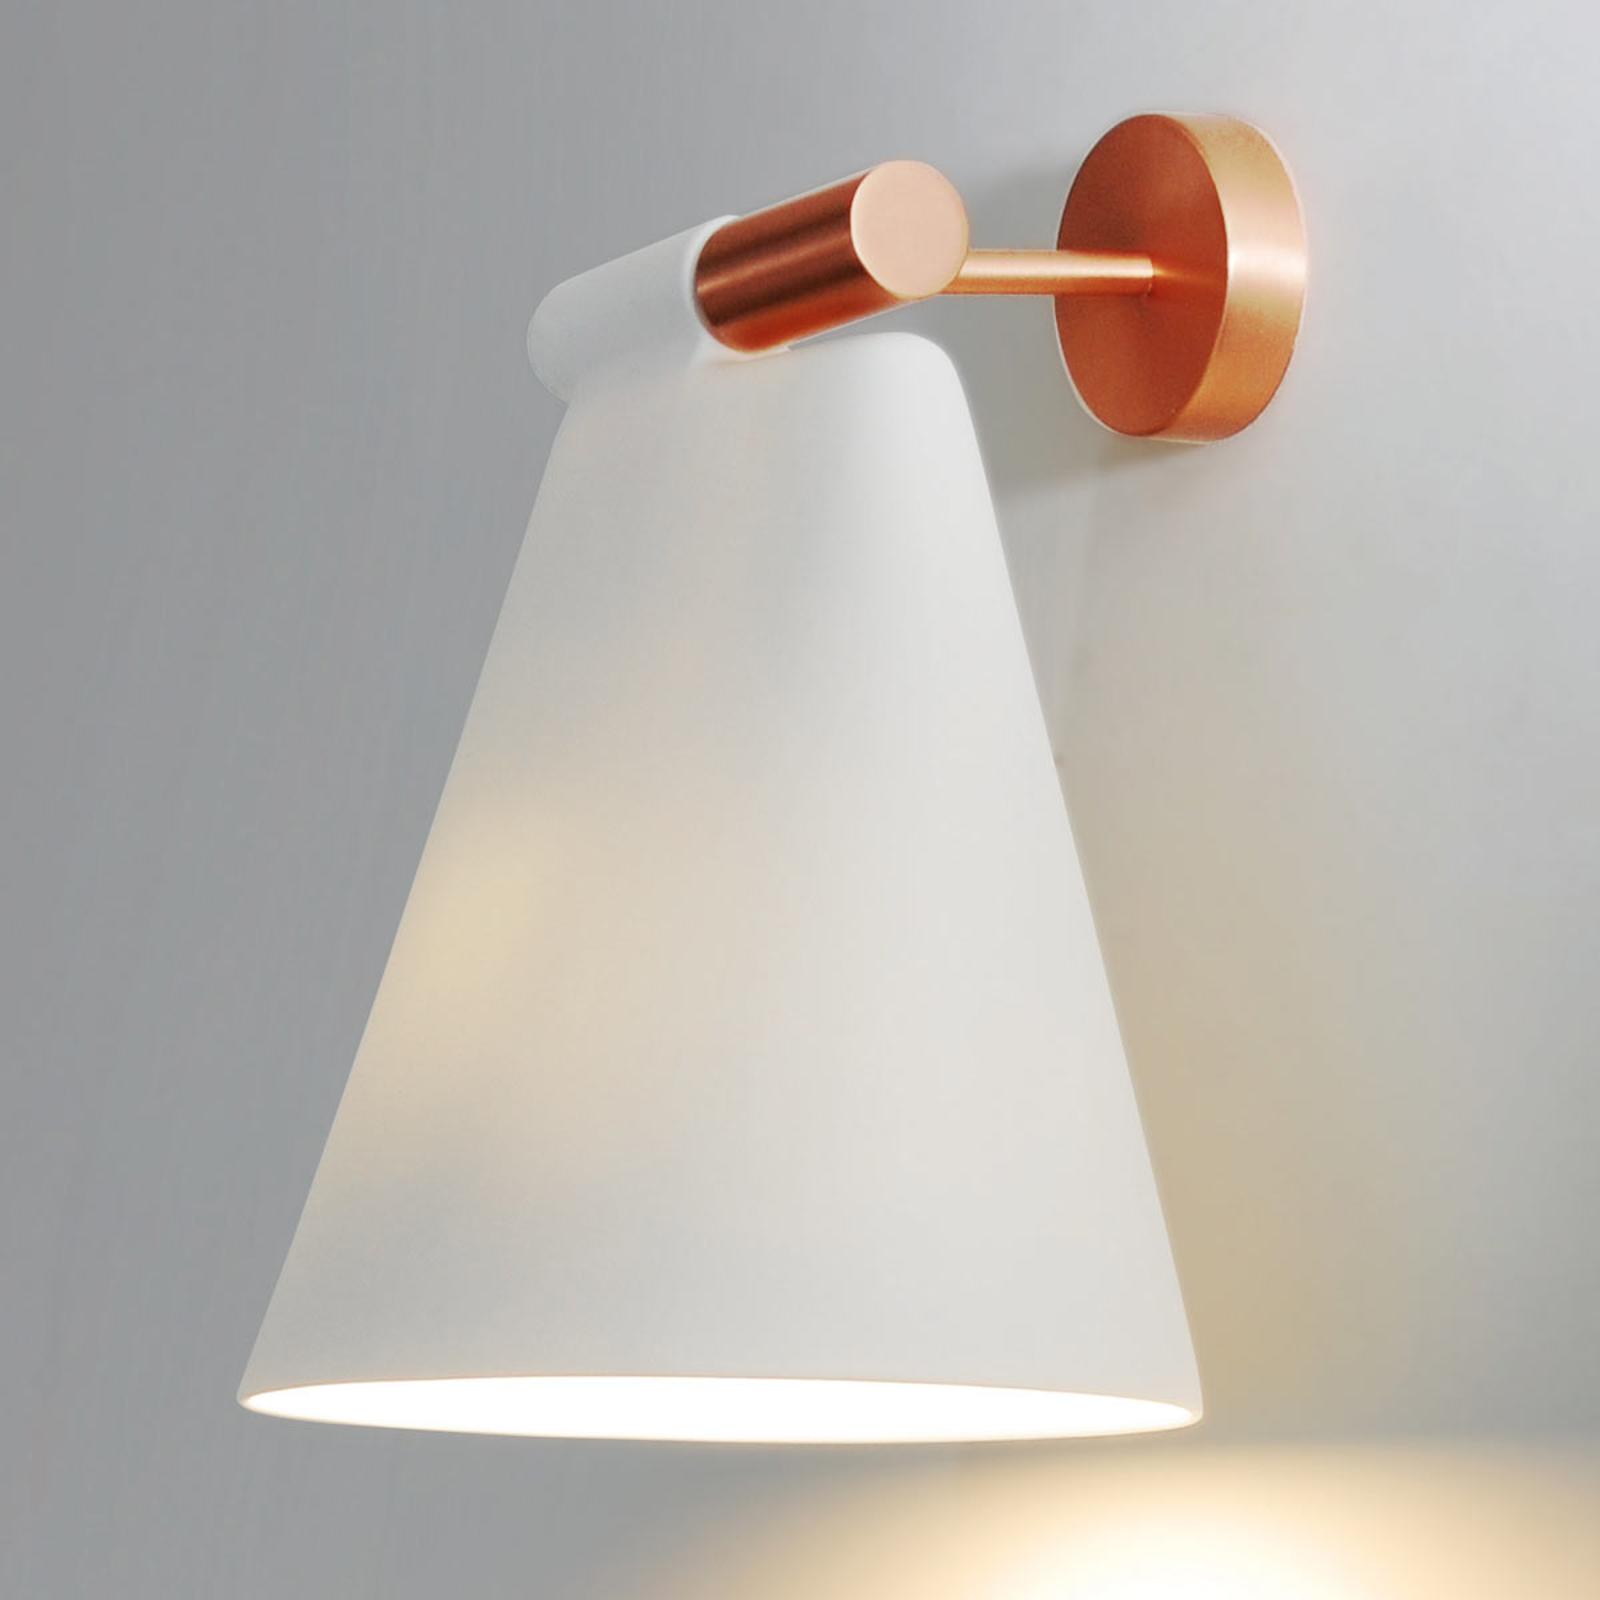 Keramik-Wandleuchte Cone Light W